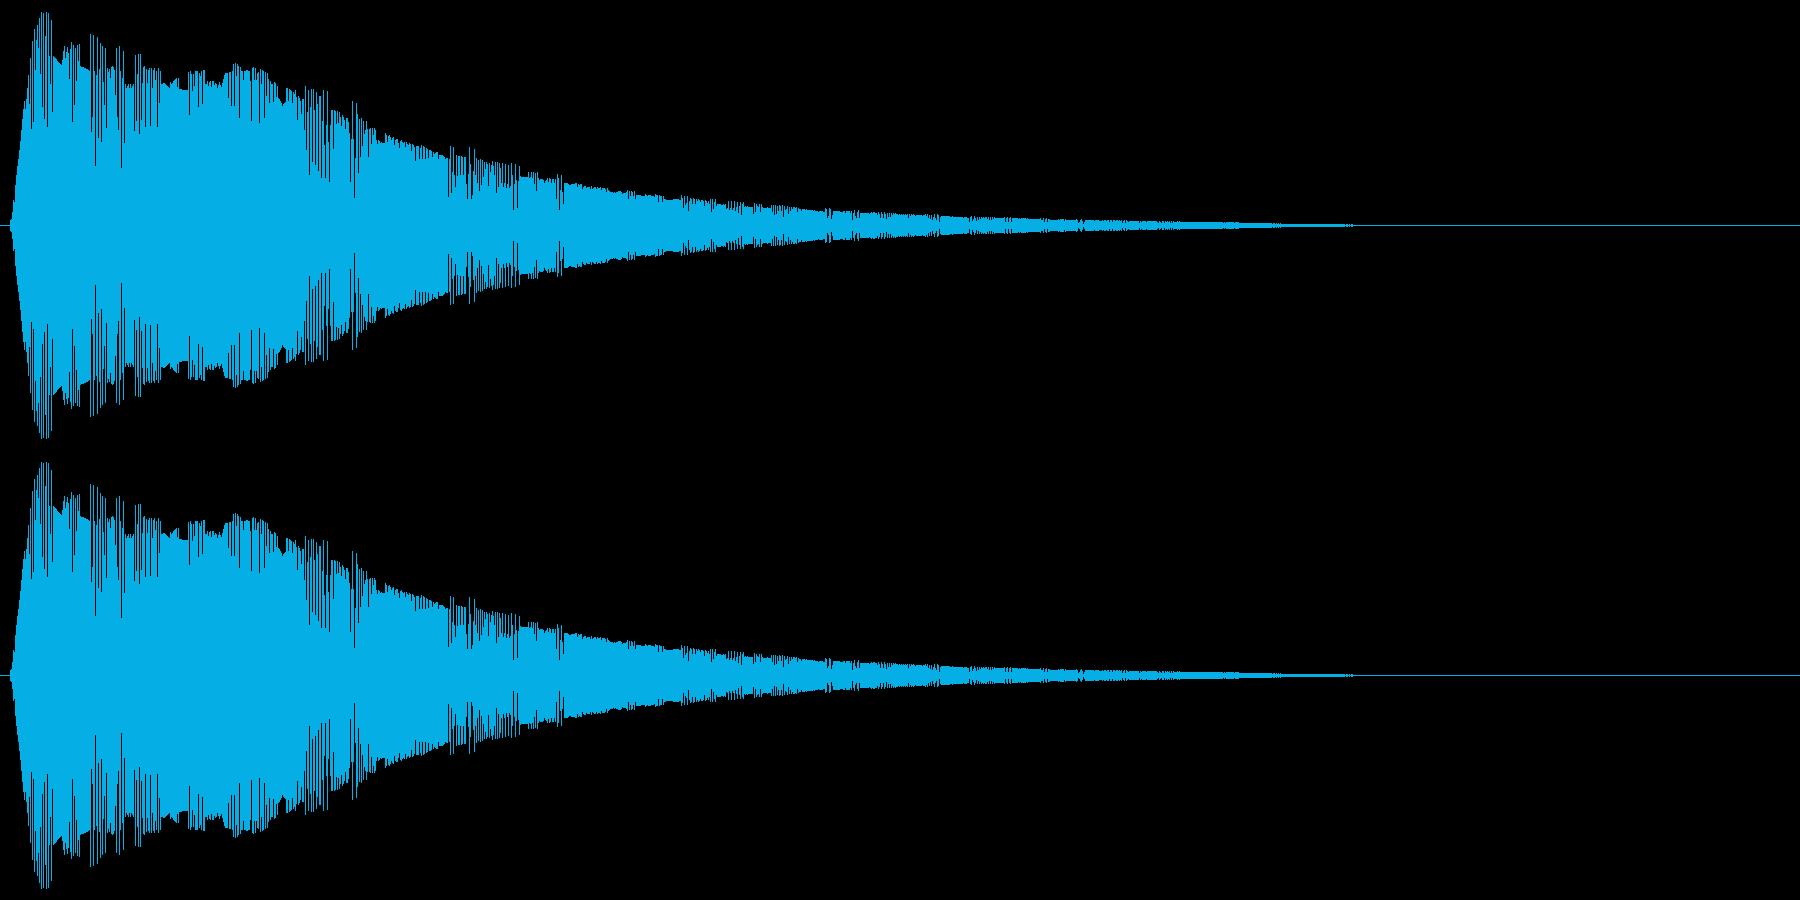 驚く、びっくりする ビヨォッ! (高め)の再生済みの波形